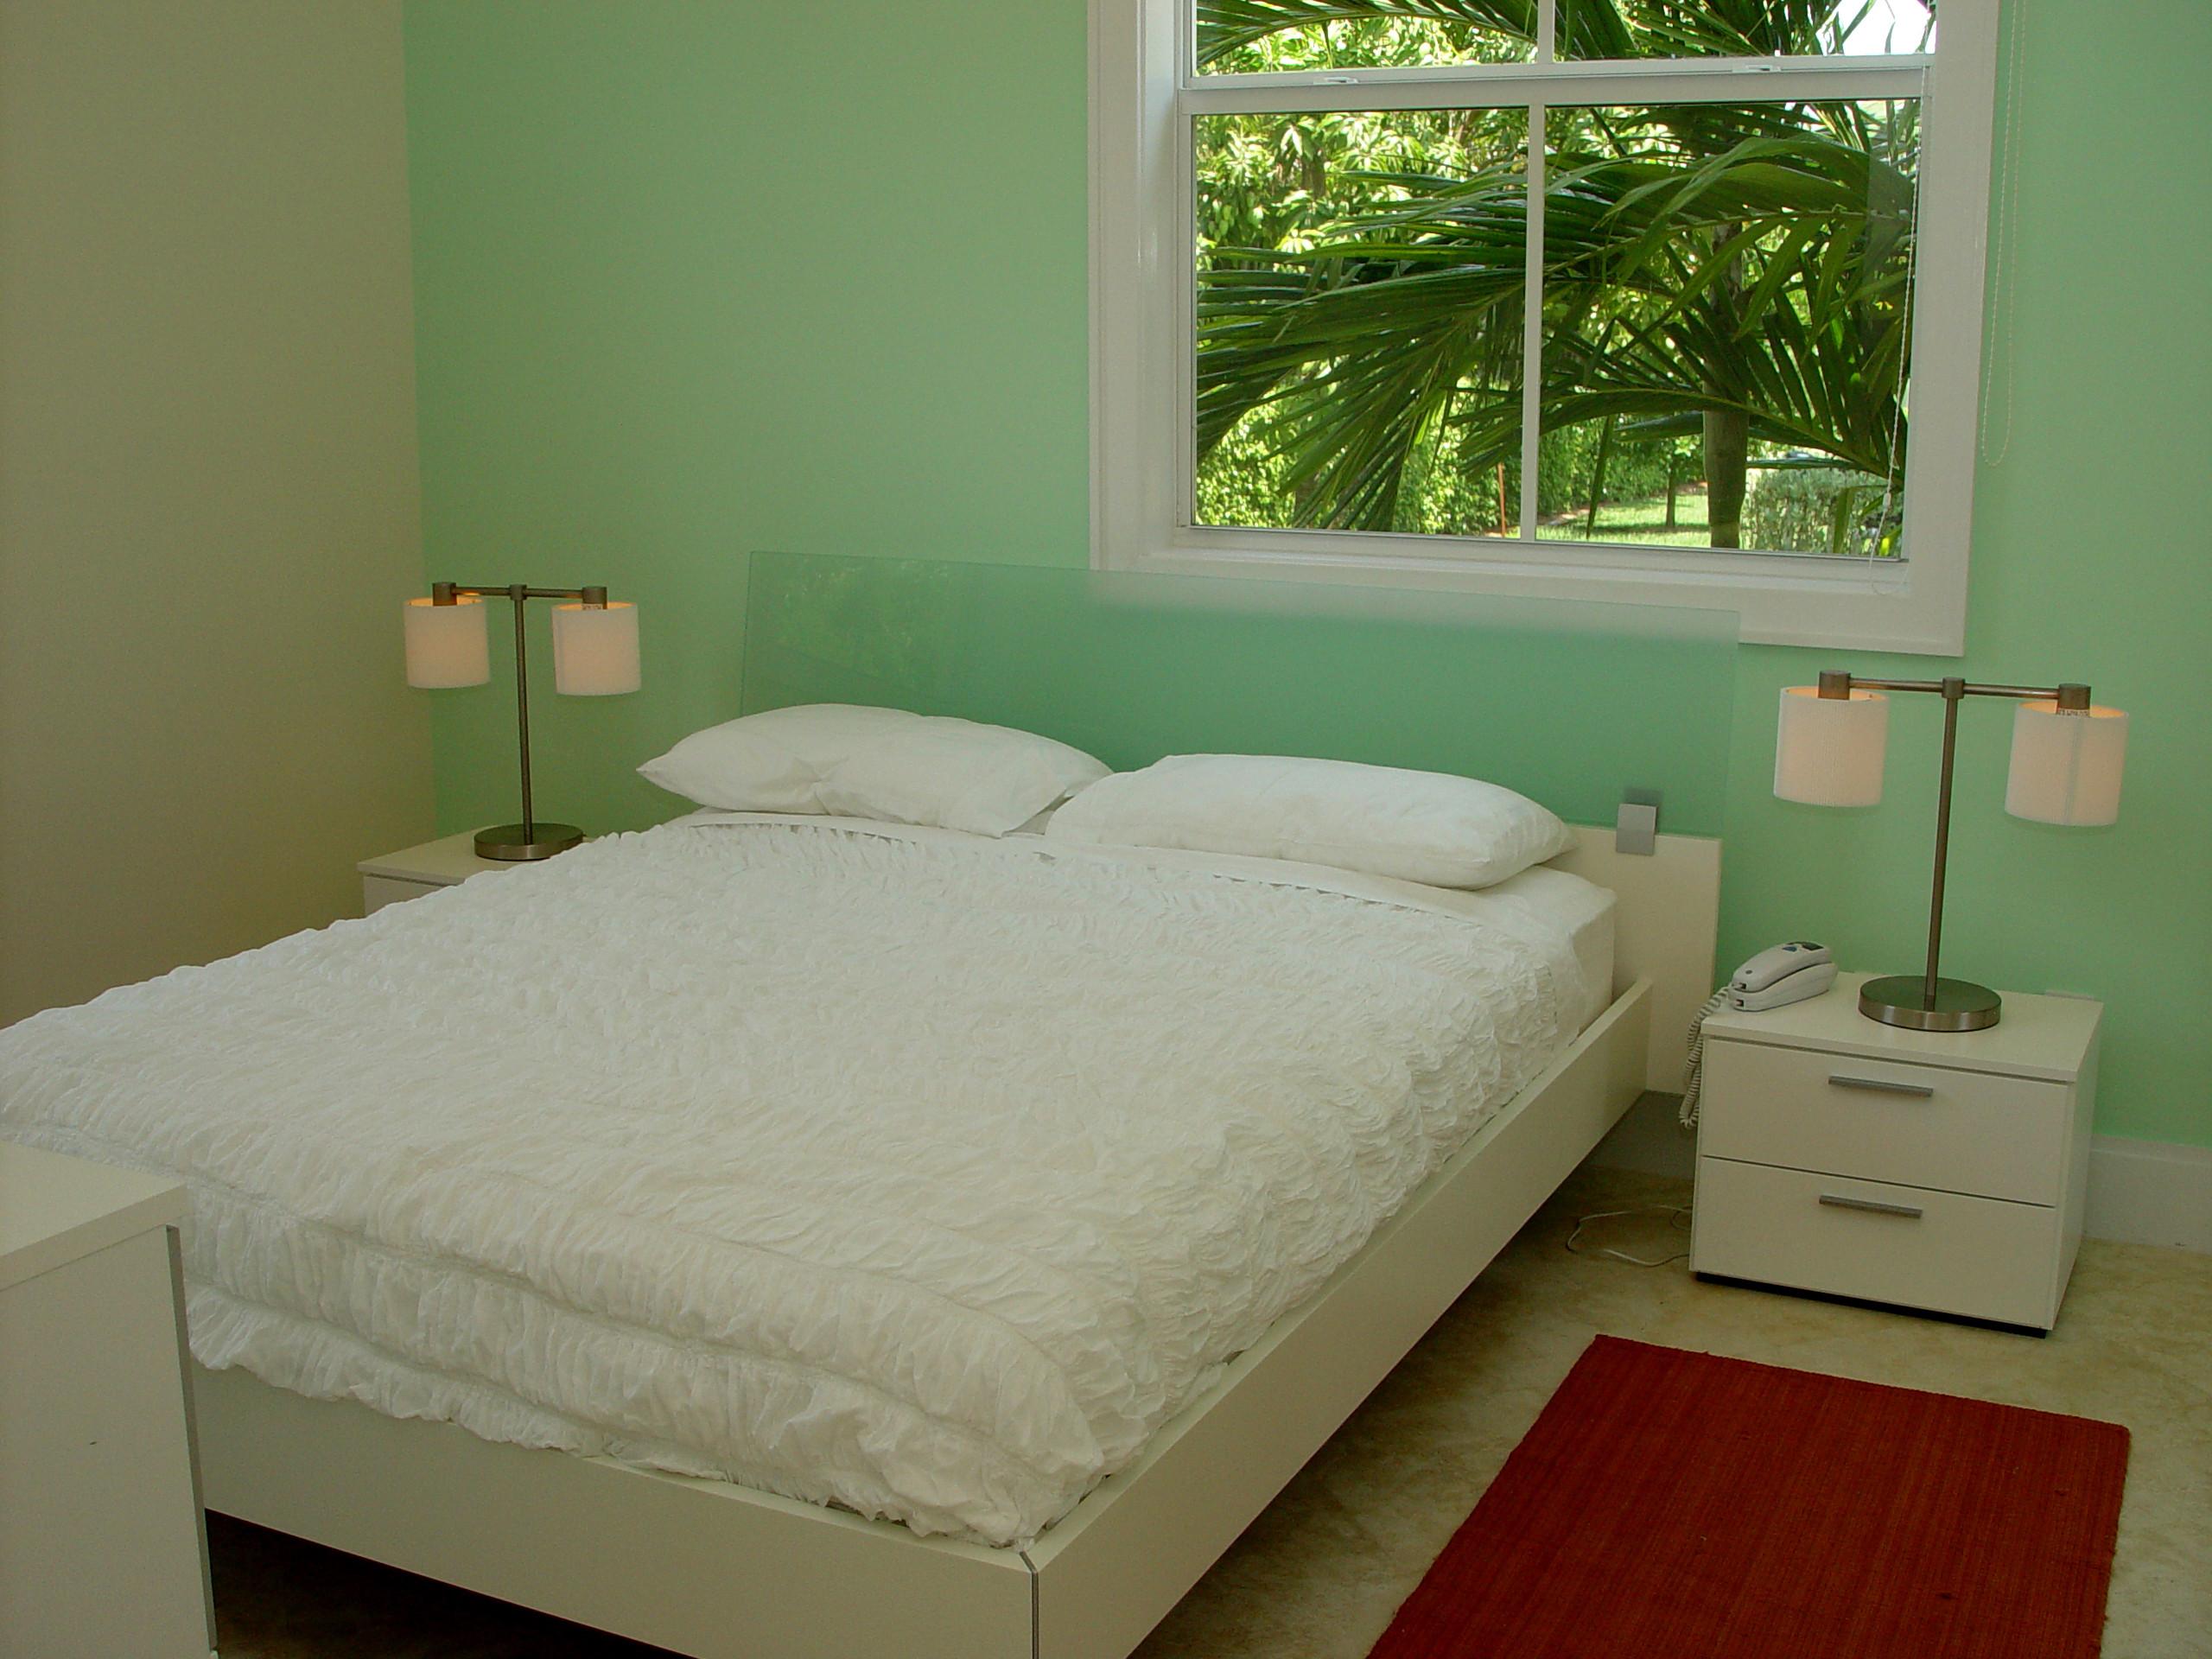 75 Beautiful Green Marble Floor Bedroom Pictures Ideas December 2020 Houzz